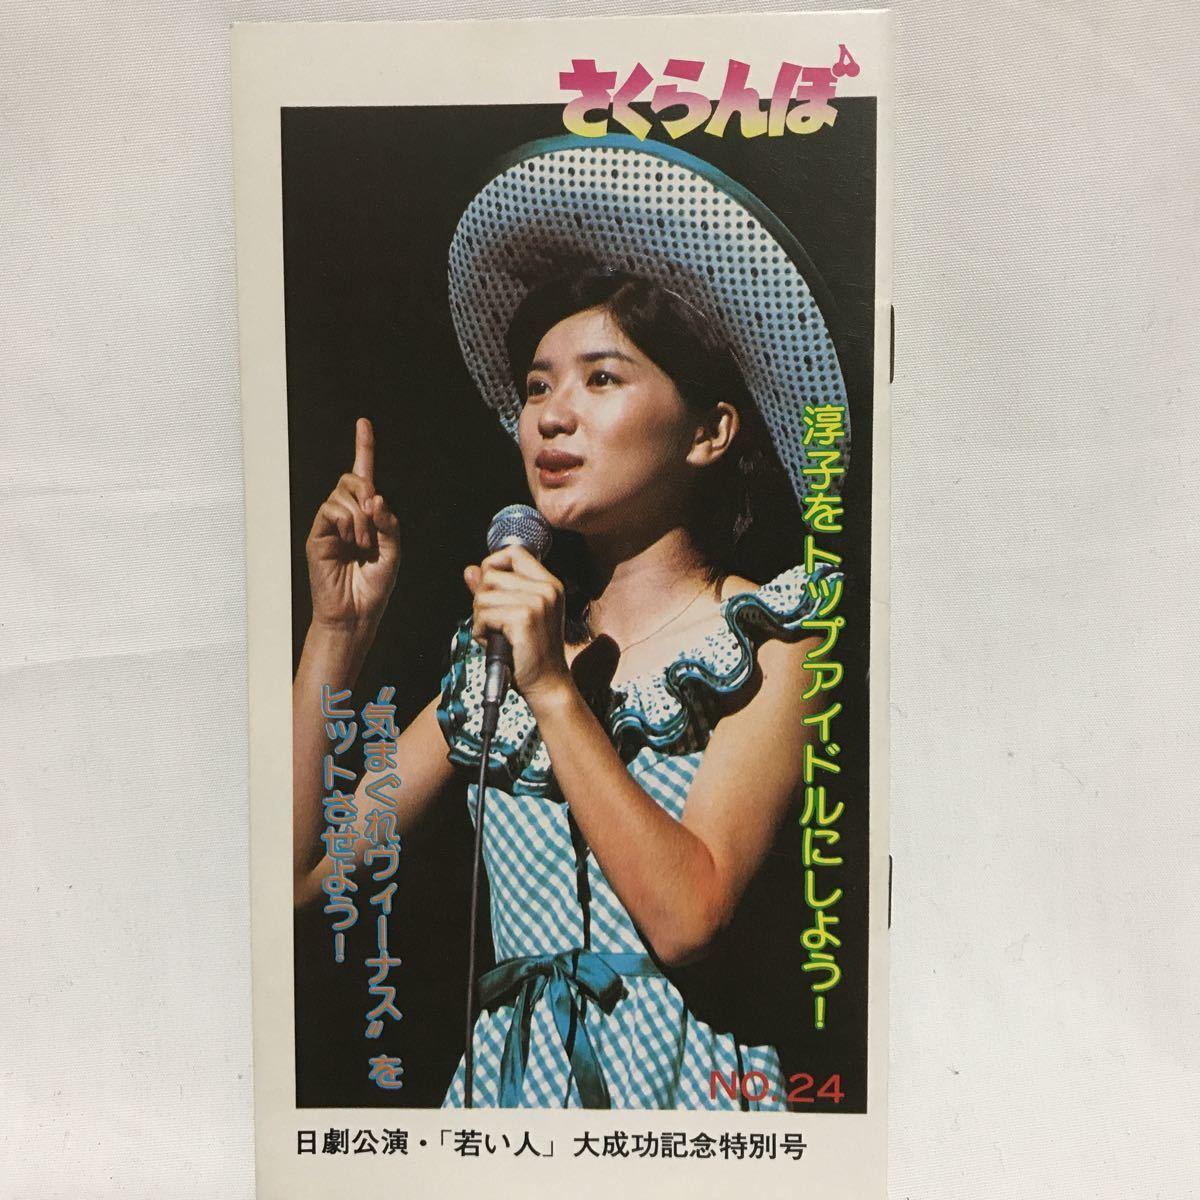 桜田淳子ファンクラブ会報誌/さくらんぼNo.24★昭和52年(1977年)発行